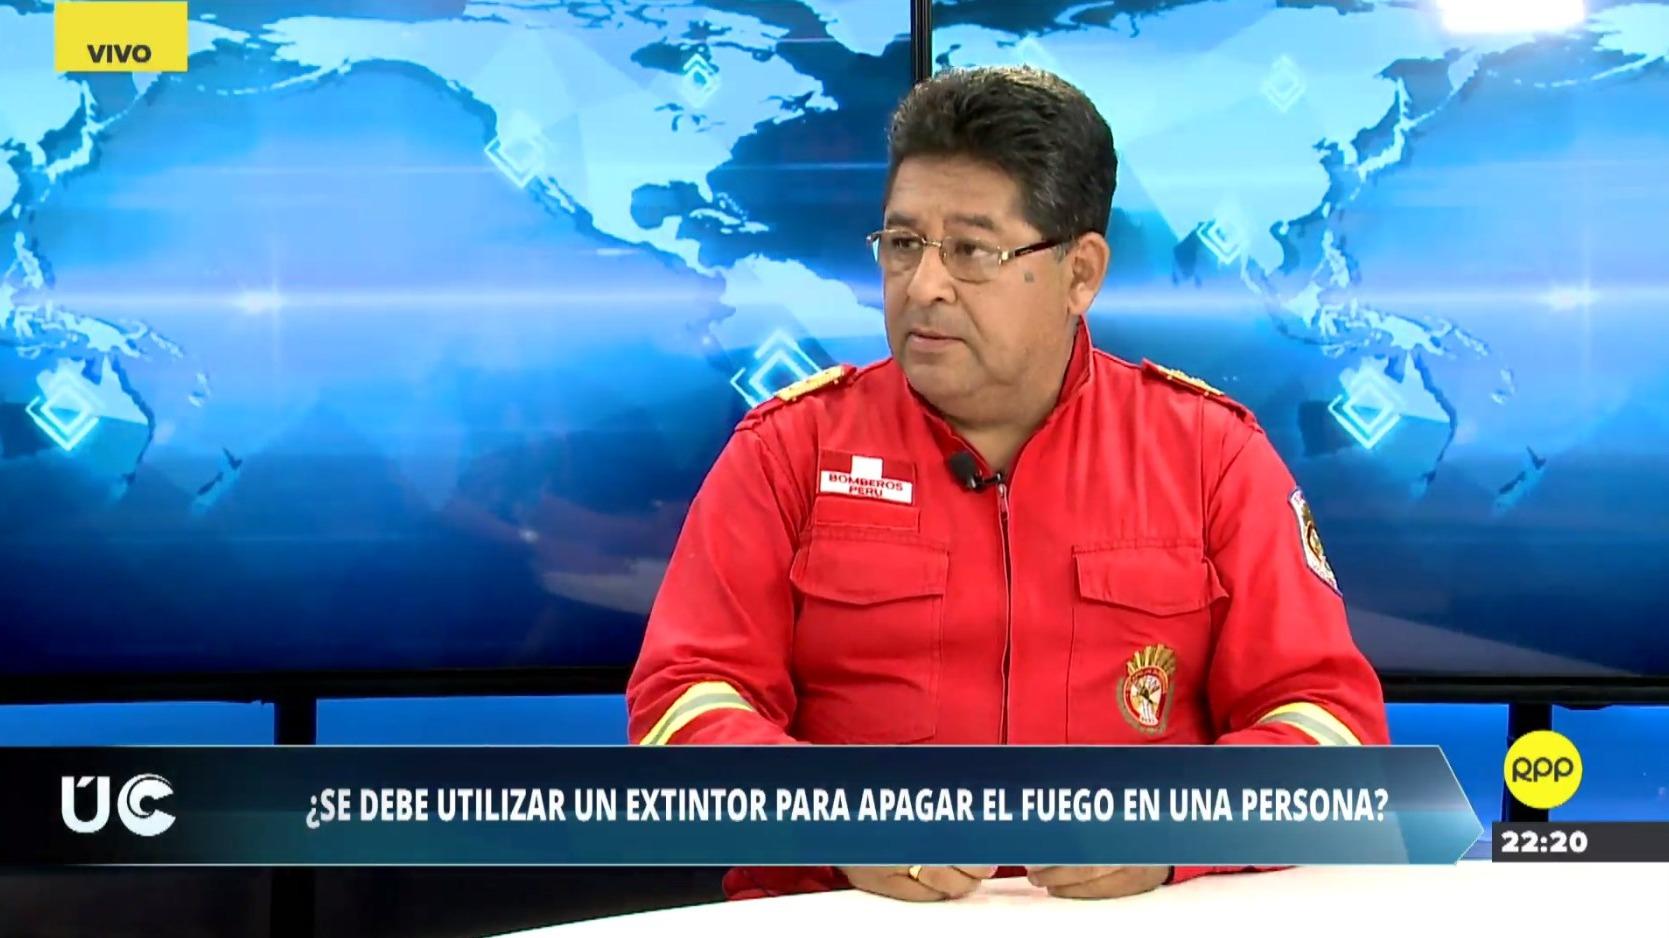 El bombero Marcos Pajuelo brindó recomendaciones para asistir a una persona en llamas.